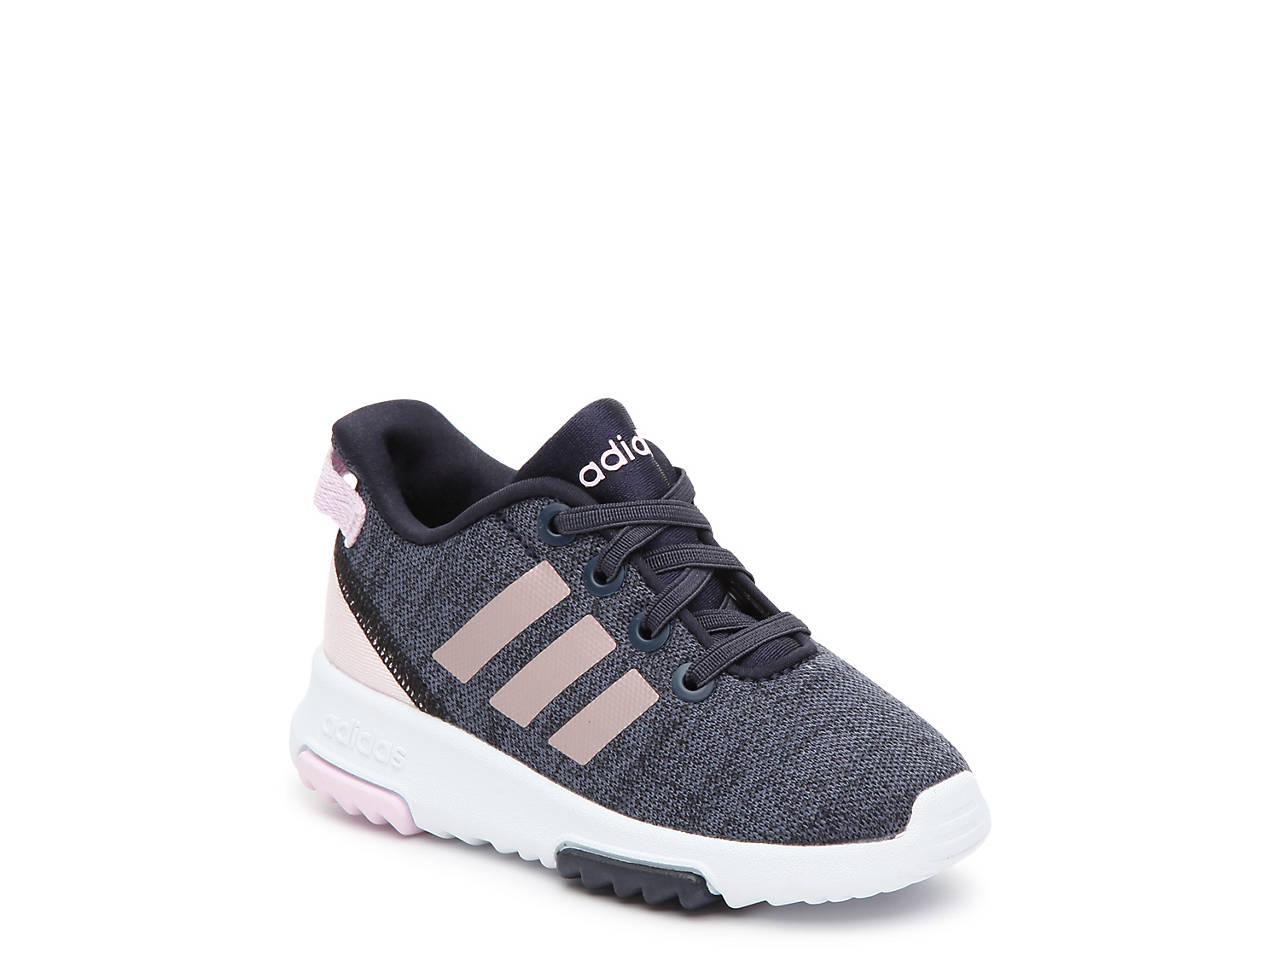 new styles bcde5 0c63c Racer TR Slip-On Sneaker - Kids'